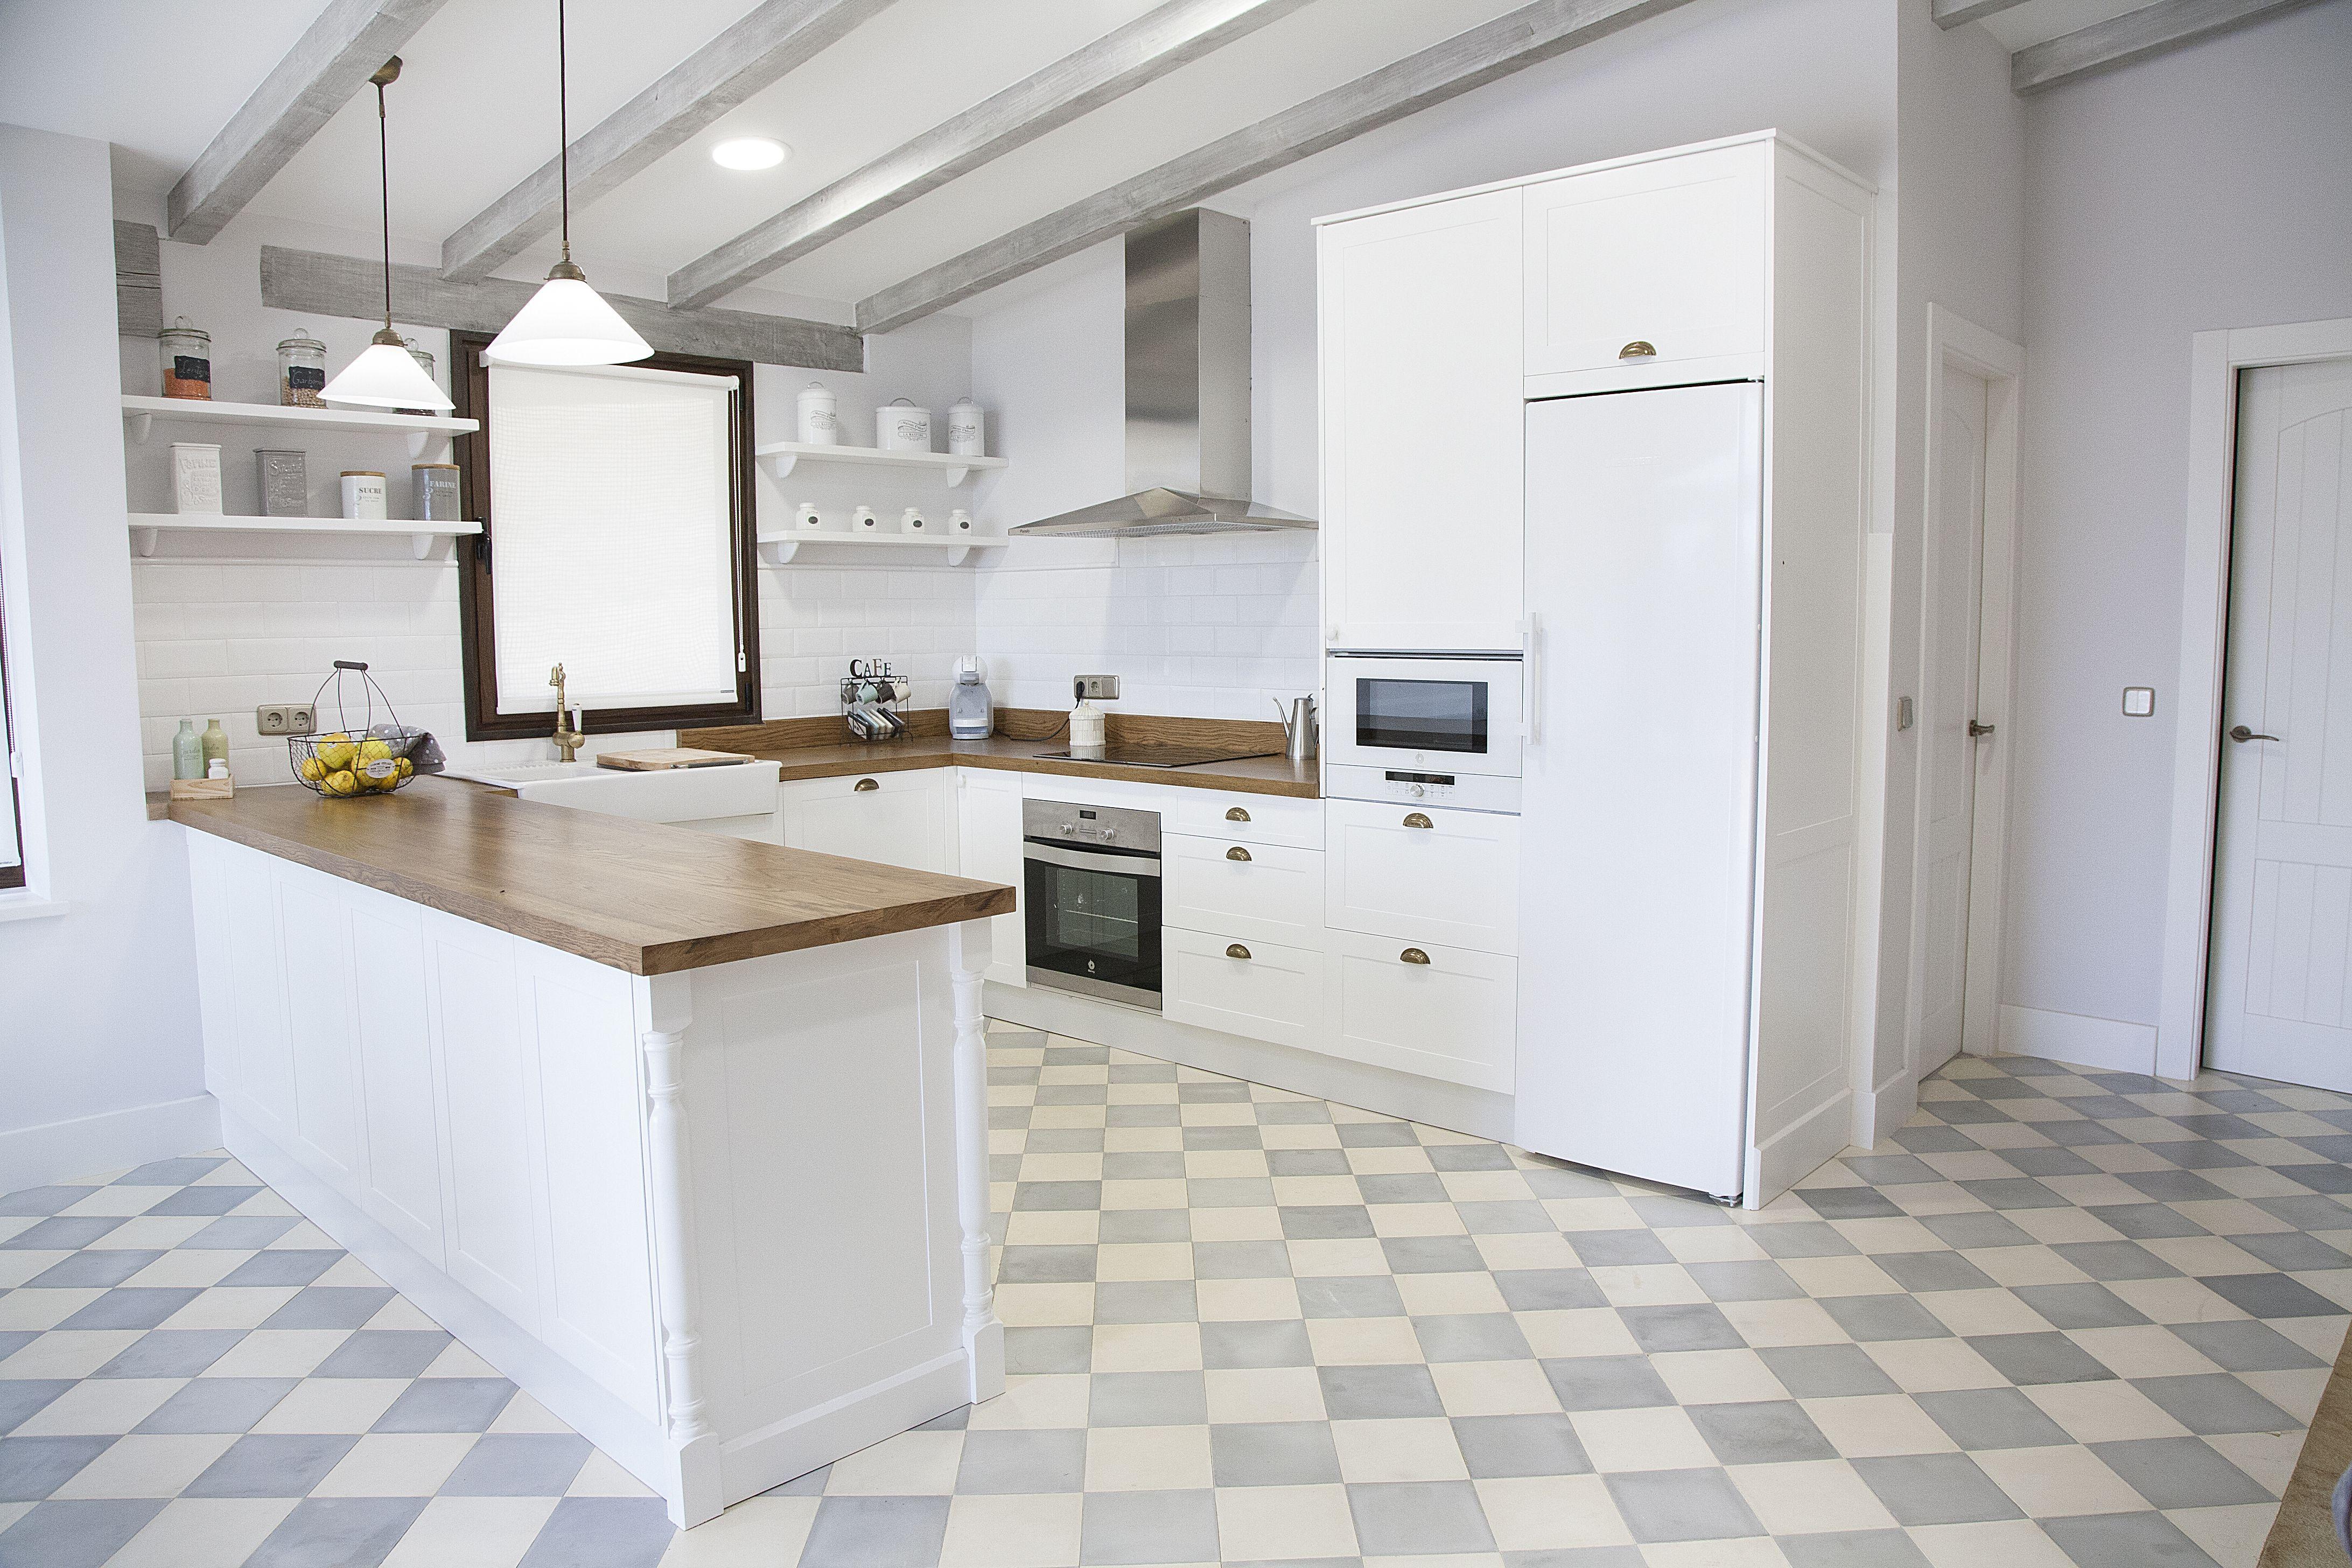 Cocina blanca, encimera de madera, suelo hidráulico, azulejo \